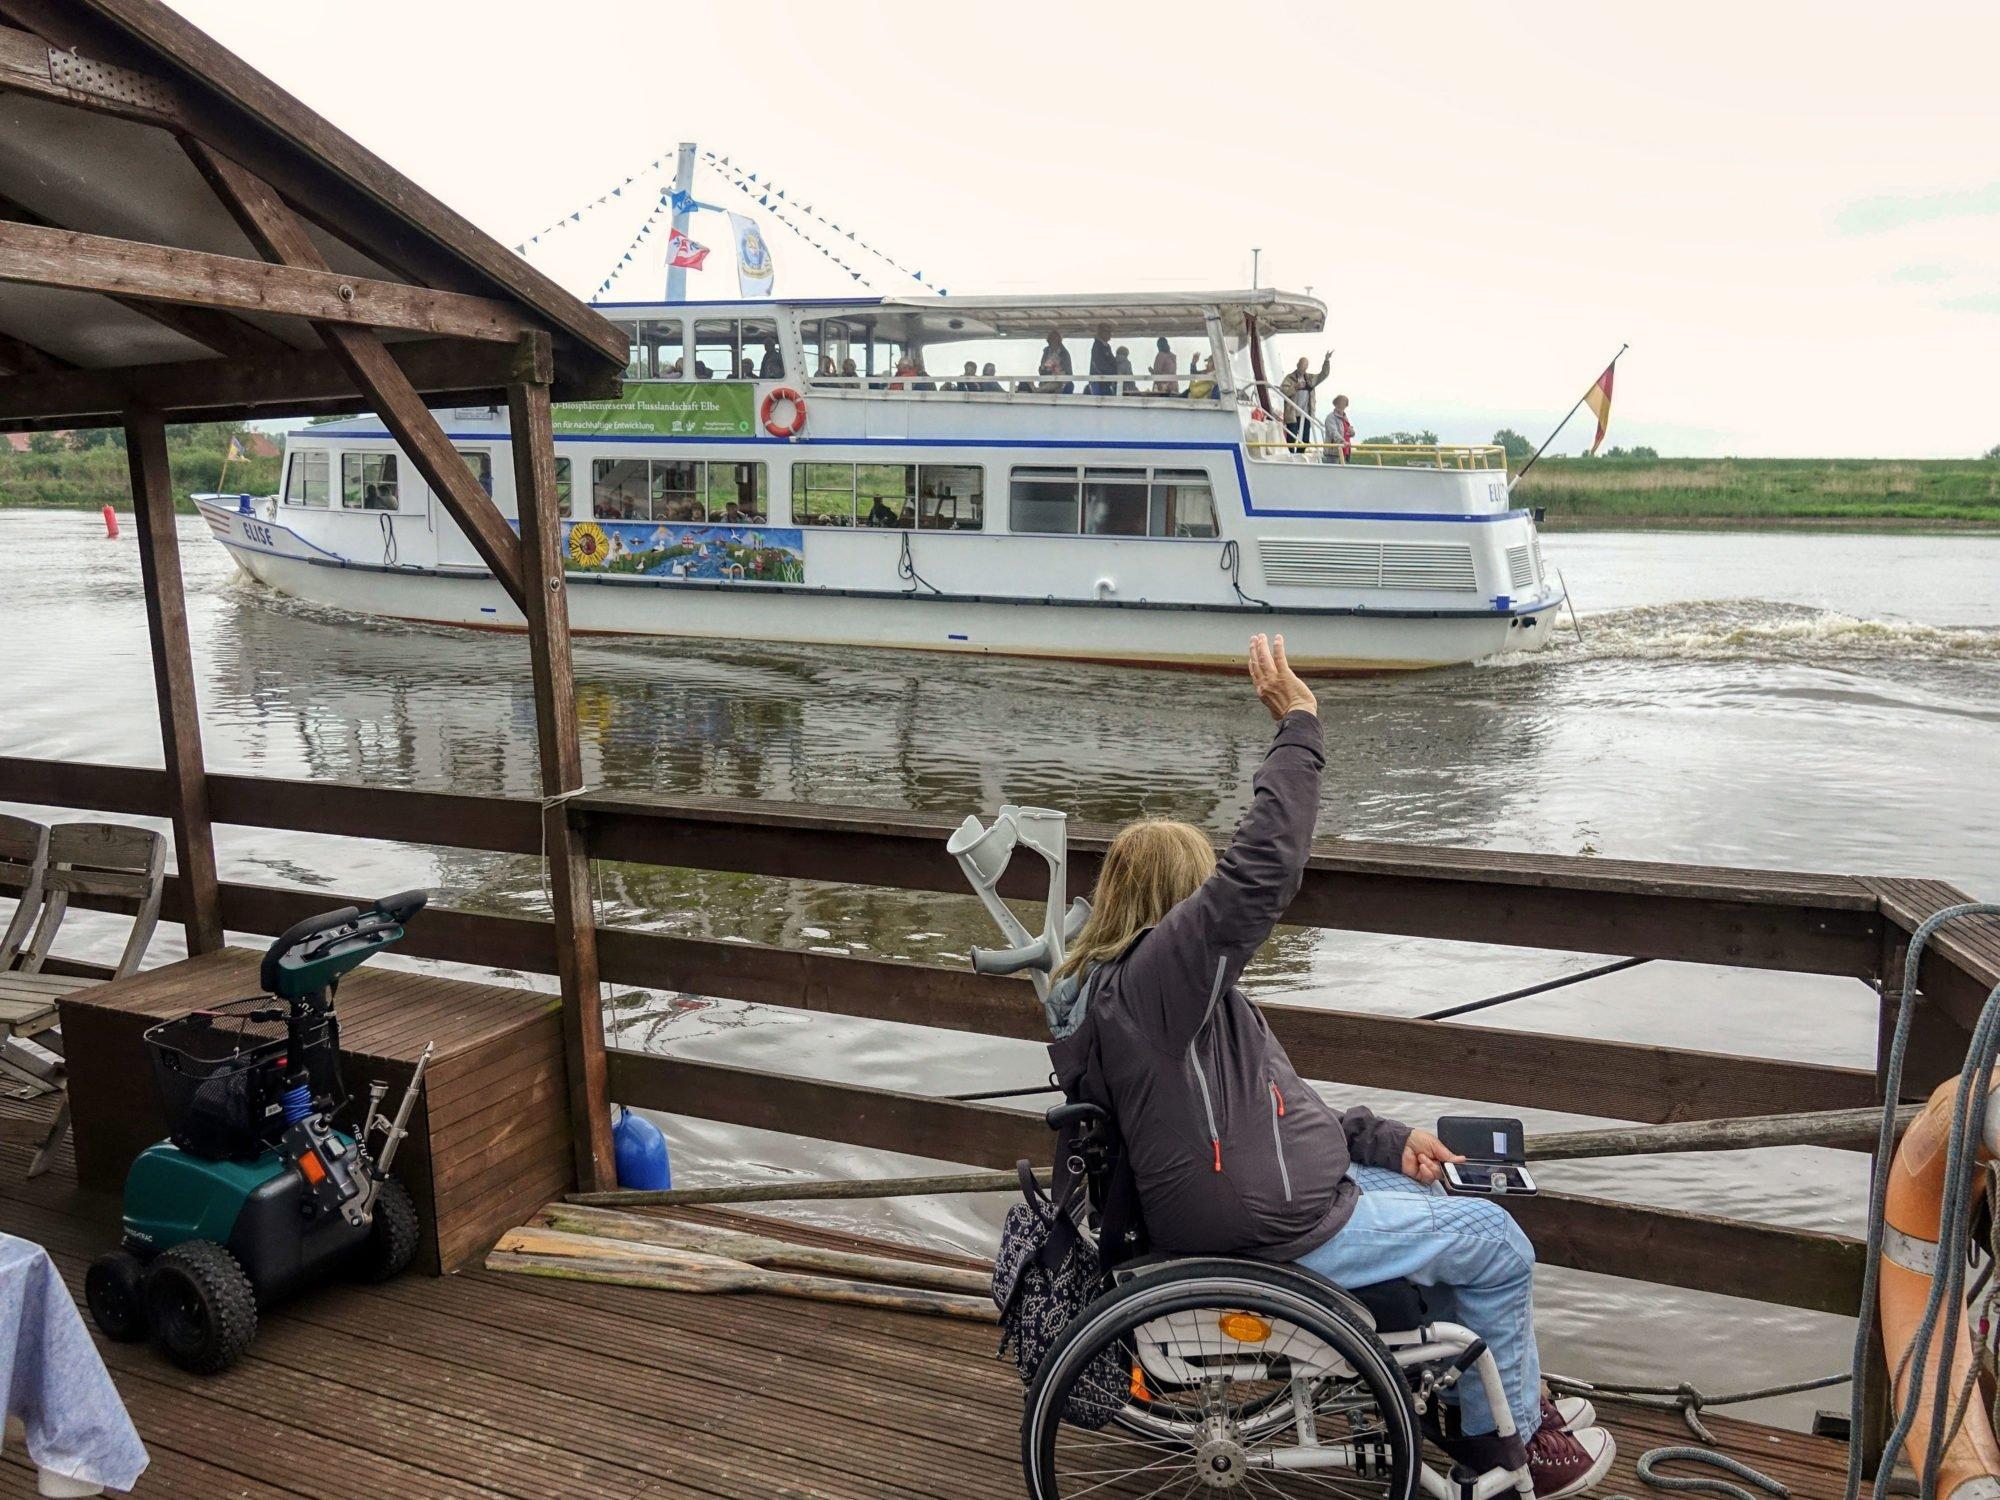 Petra Rosenberger steht mit ihrem Rollstuhl auf dem Floß und winkt den Passagieren eines vorbeifahrenden Passagierschiffes.